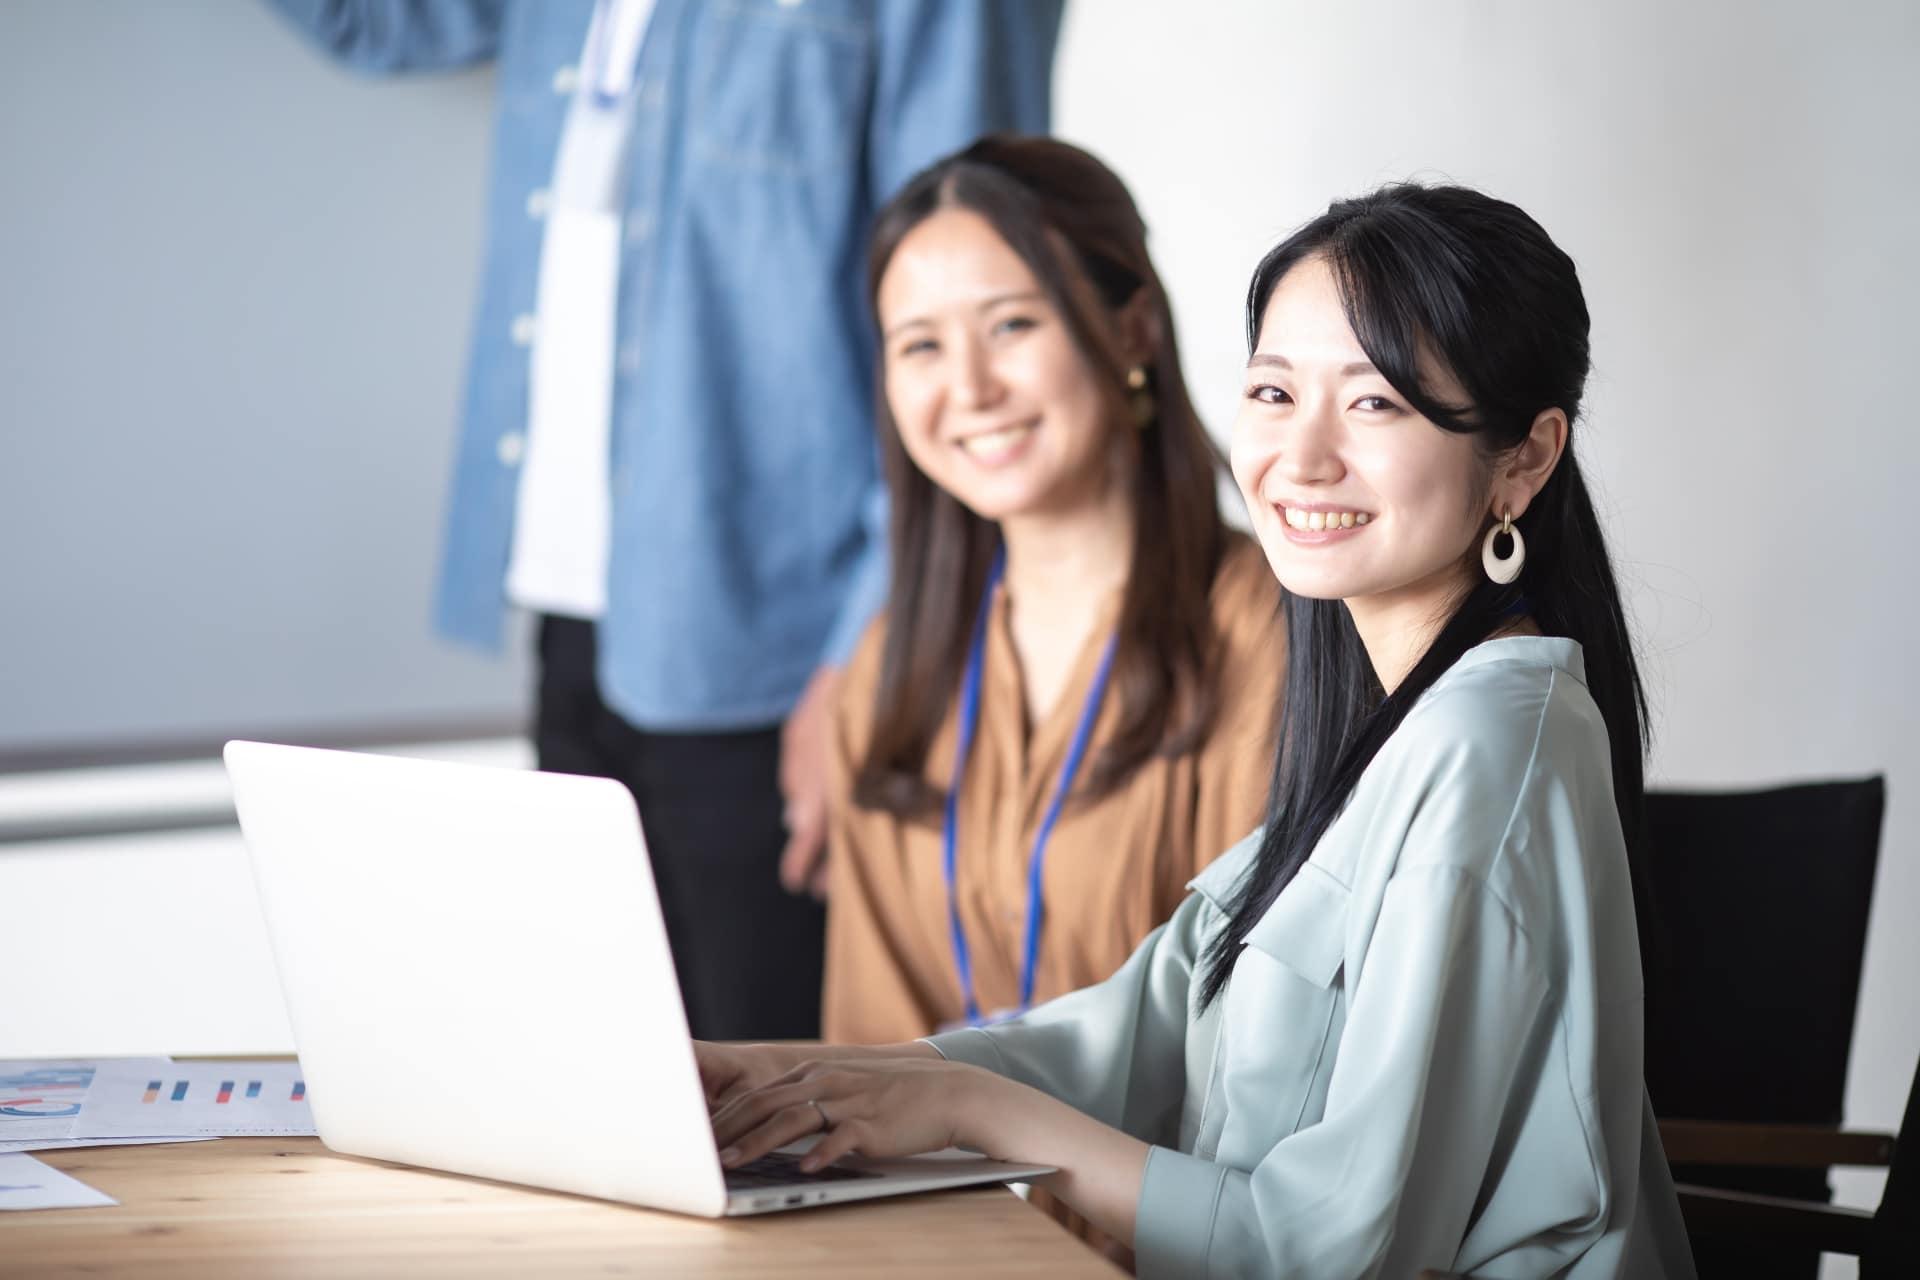 ノートパソコンを操作する女性